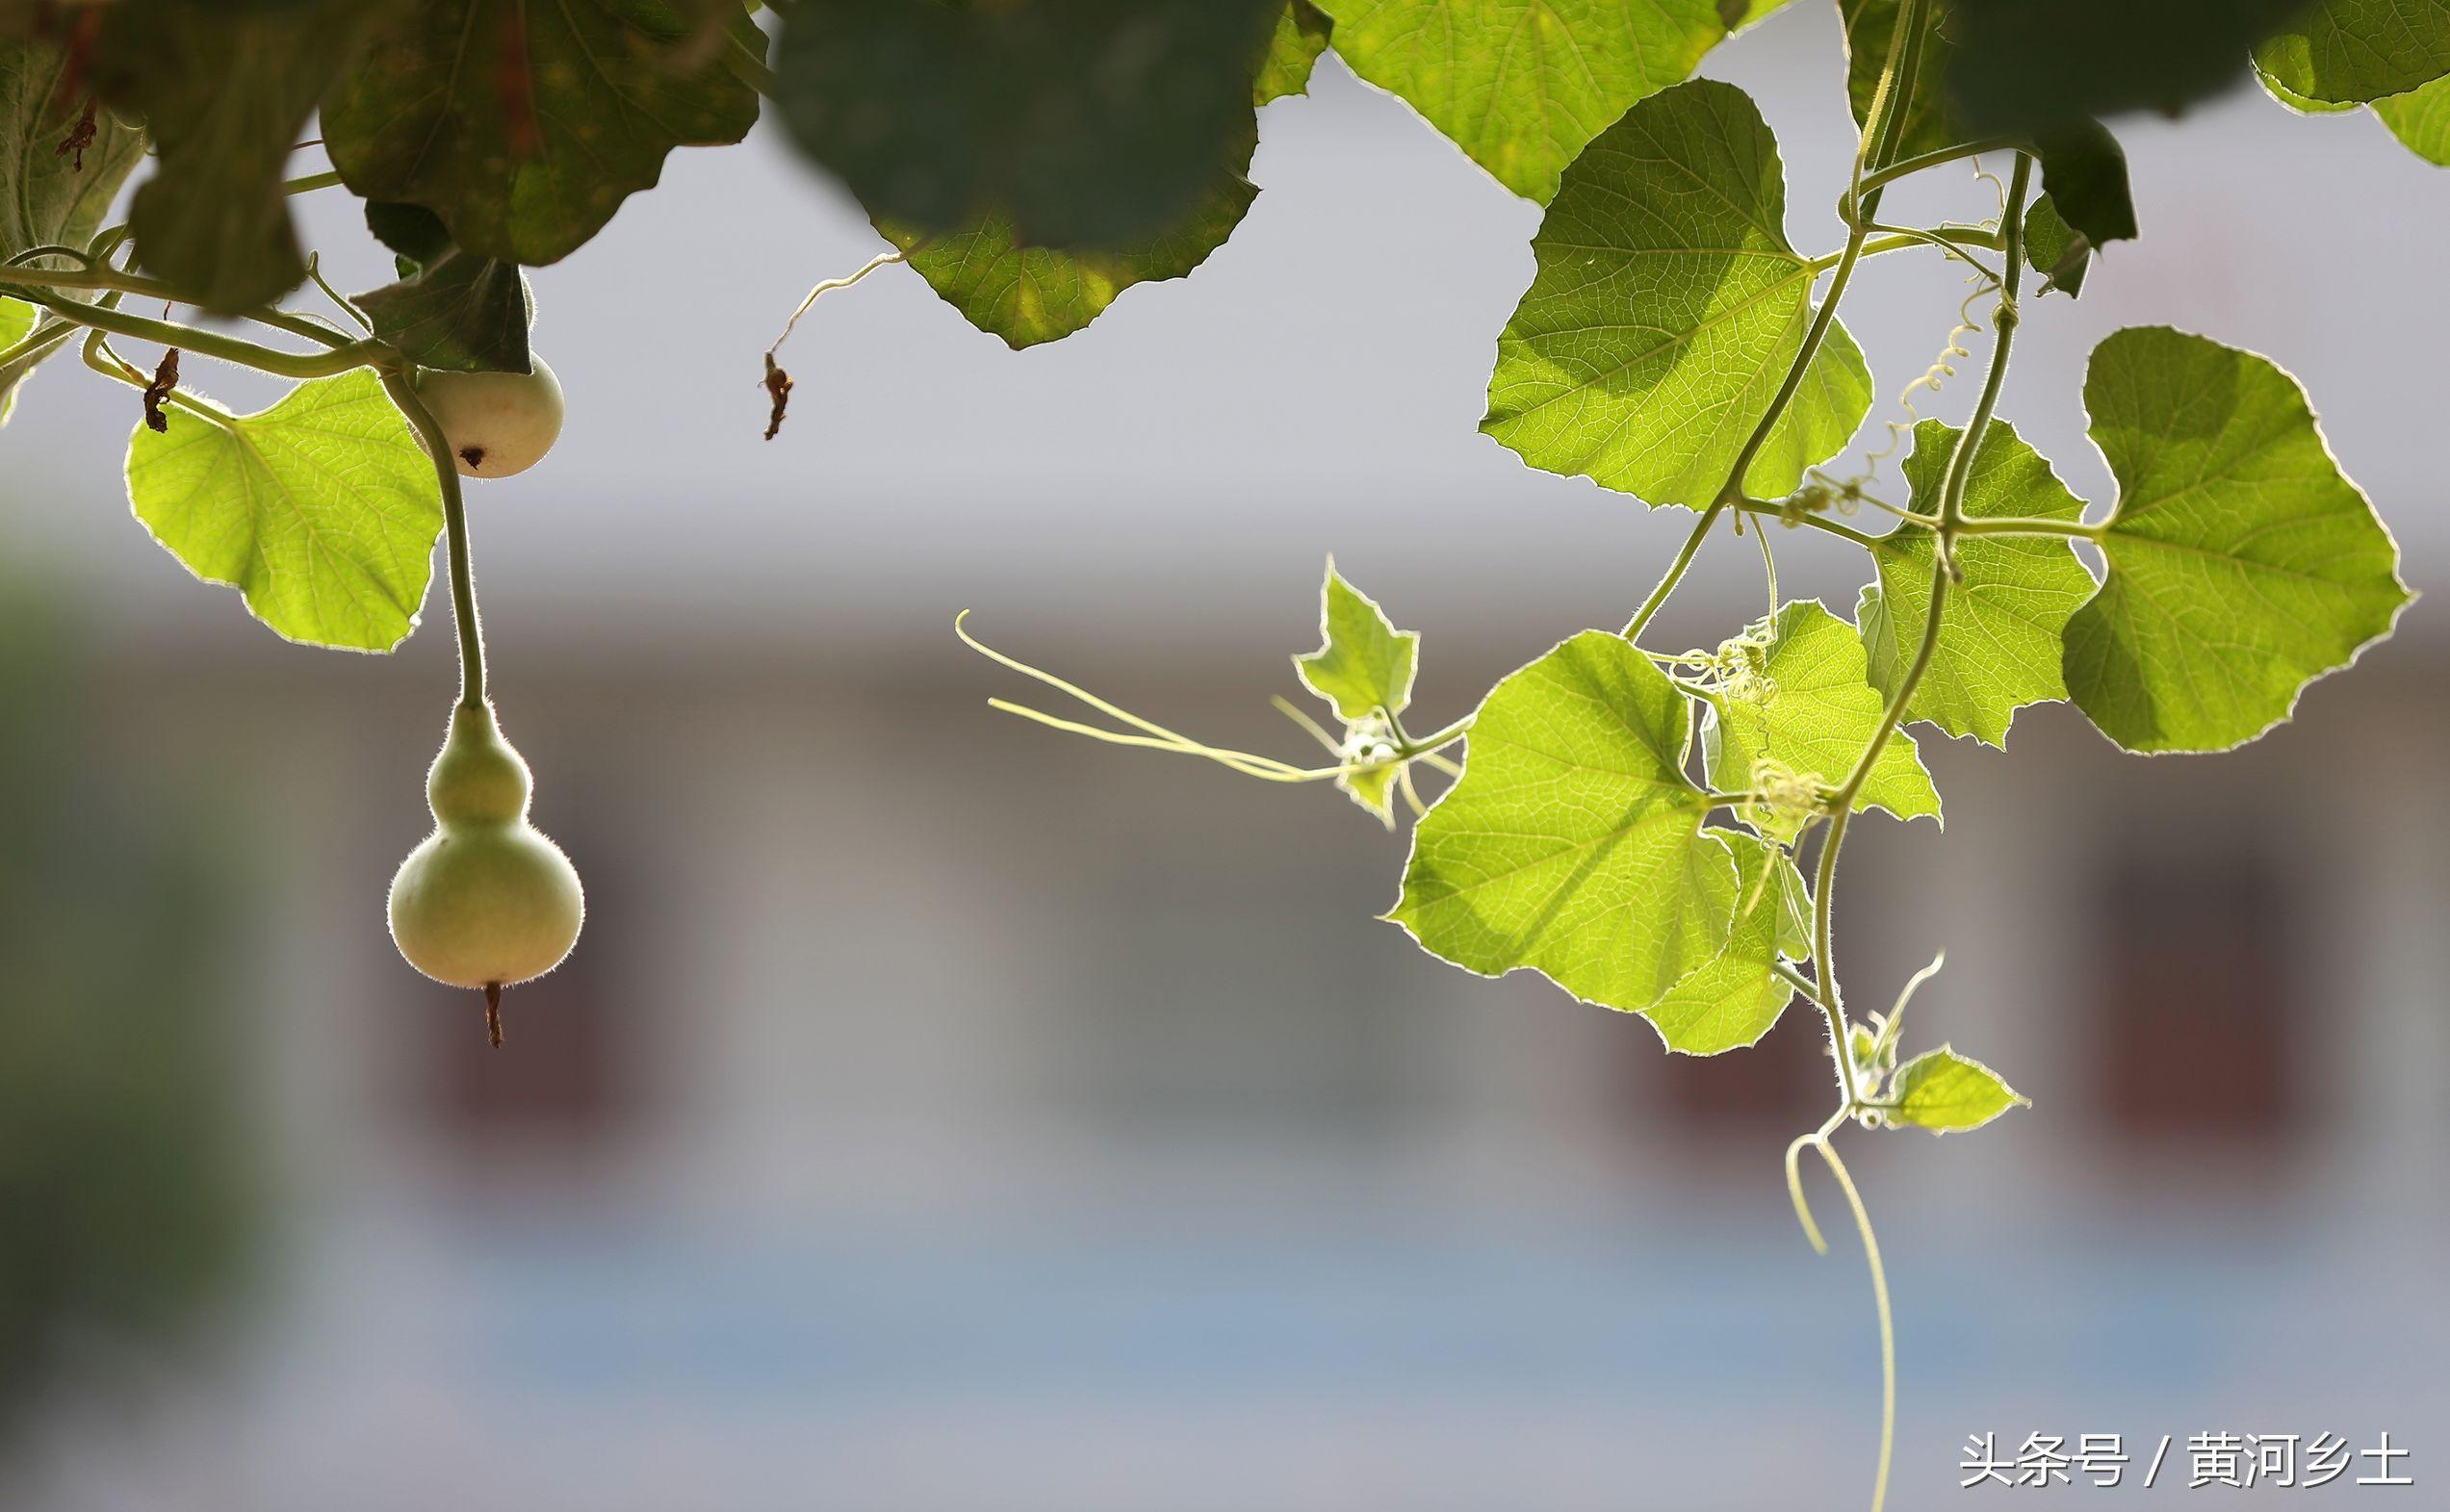 山西小学生在奥数里丢了几粒葫芦籽,不料却长小学花池思路图片